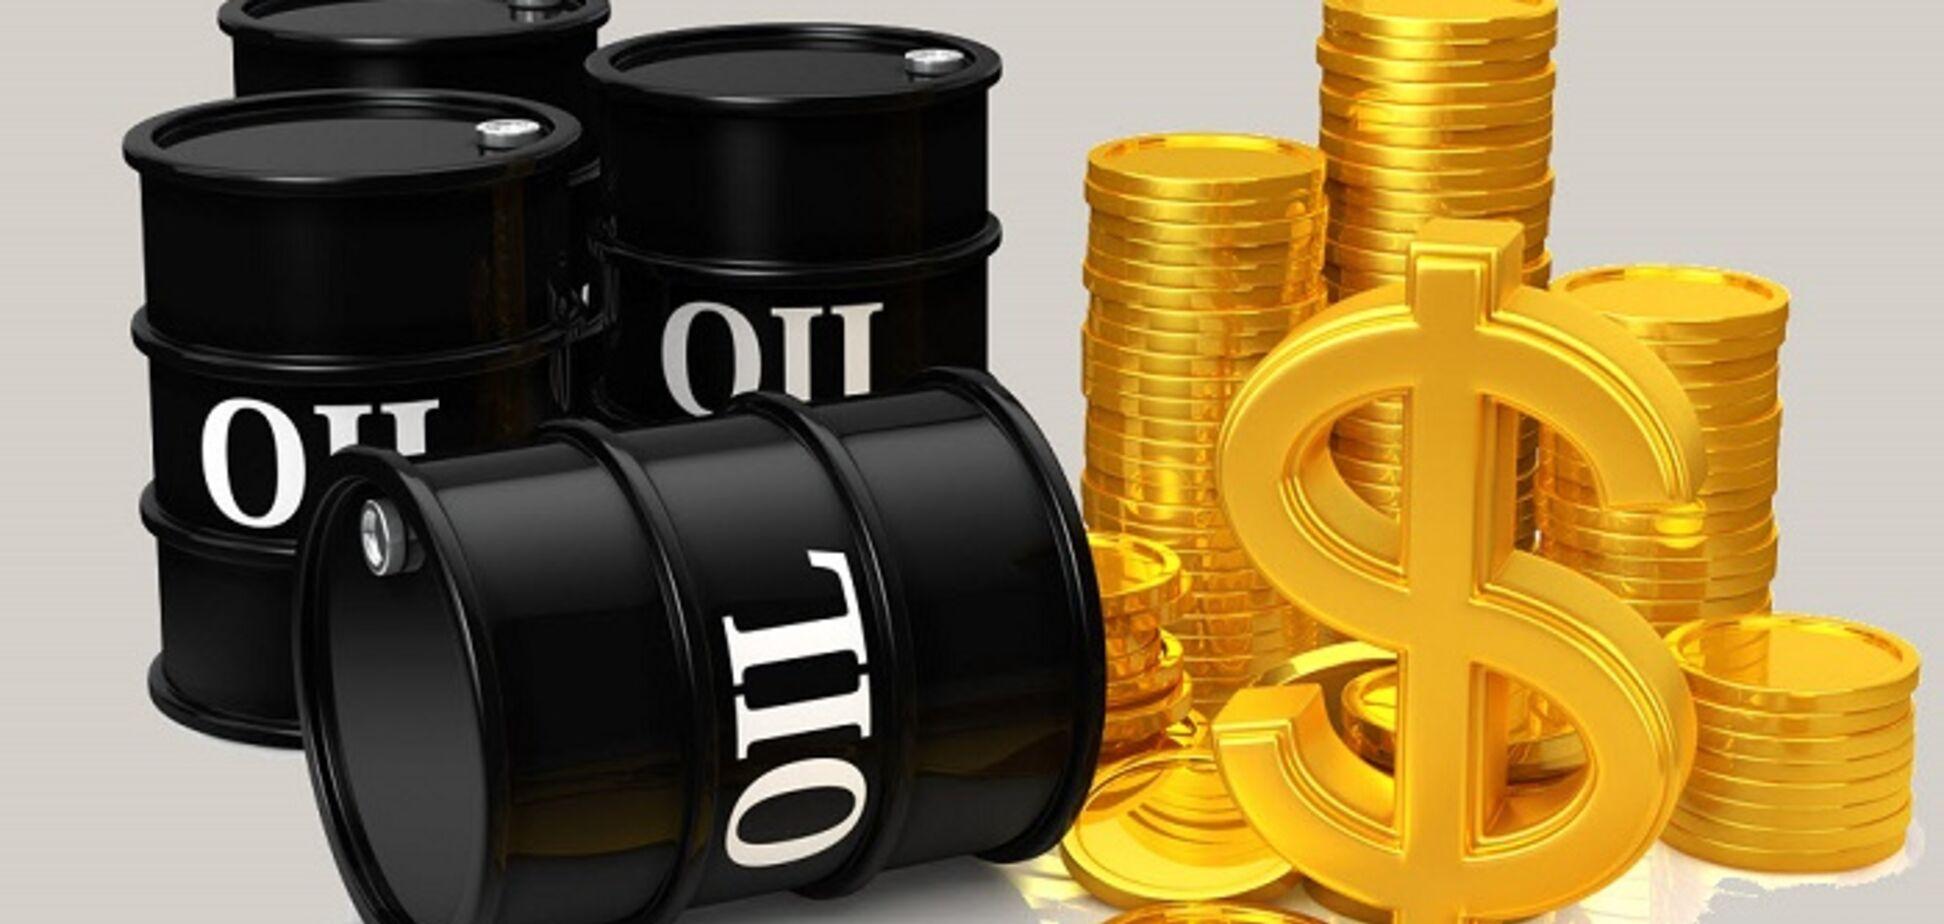 Госбюджет ежедневно недополучает 330 млн грн из-за 'Укртатнафты' - эксперт